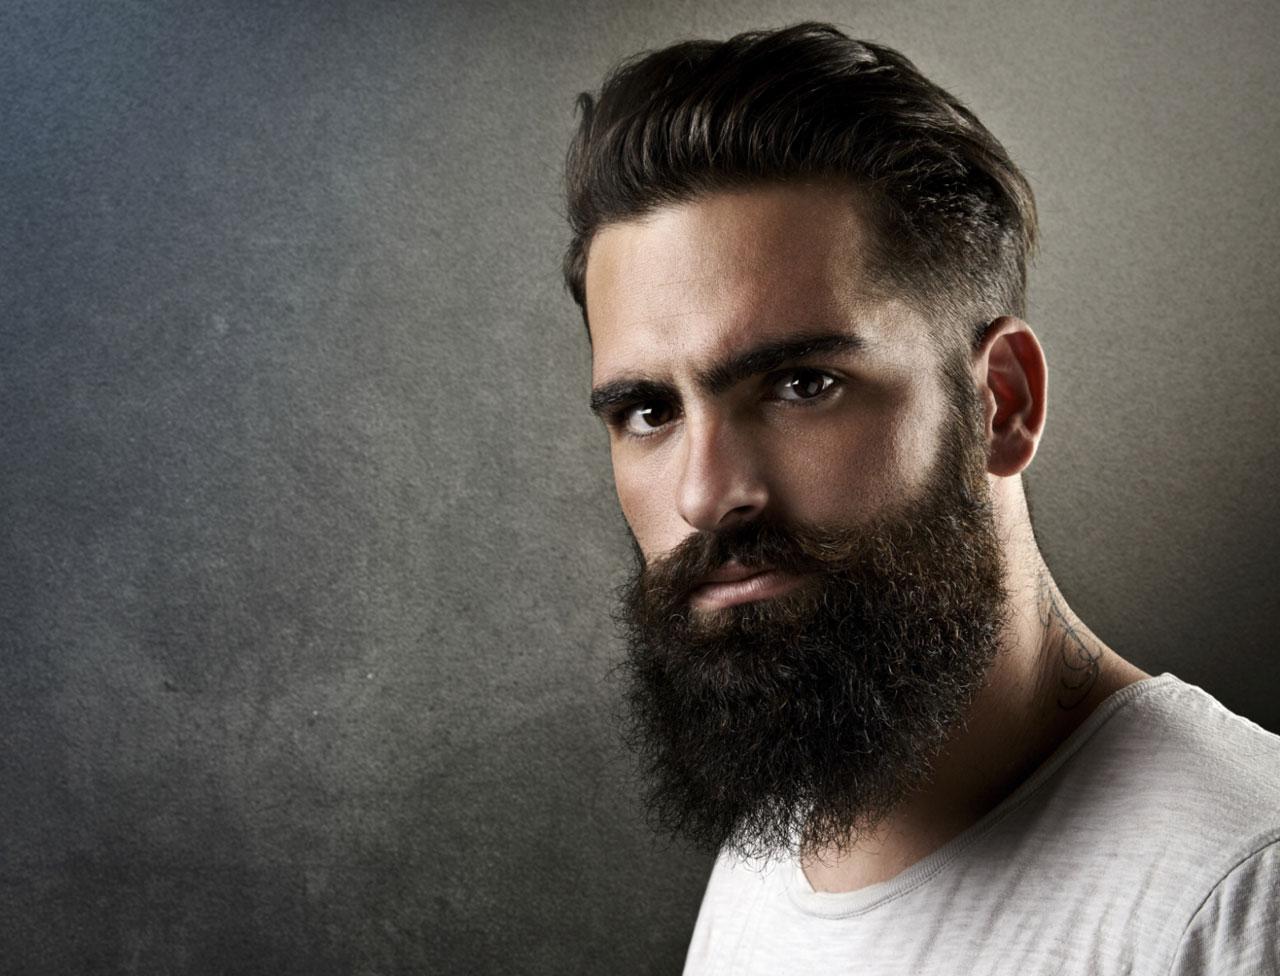 les produit pour faire pousser la barbe sont actuellement. Black Bedroom Furniture Sets. Home Design Ideas